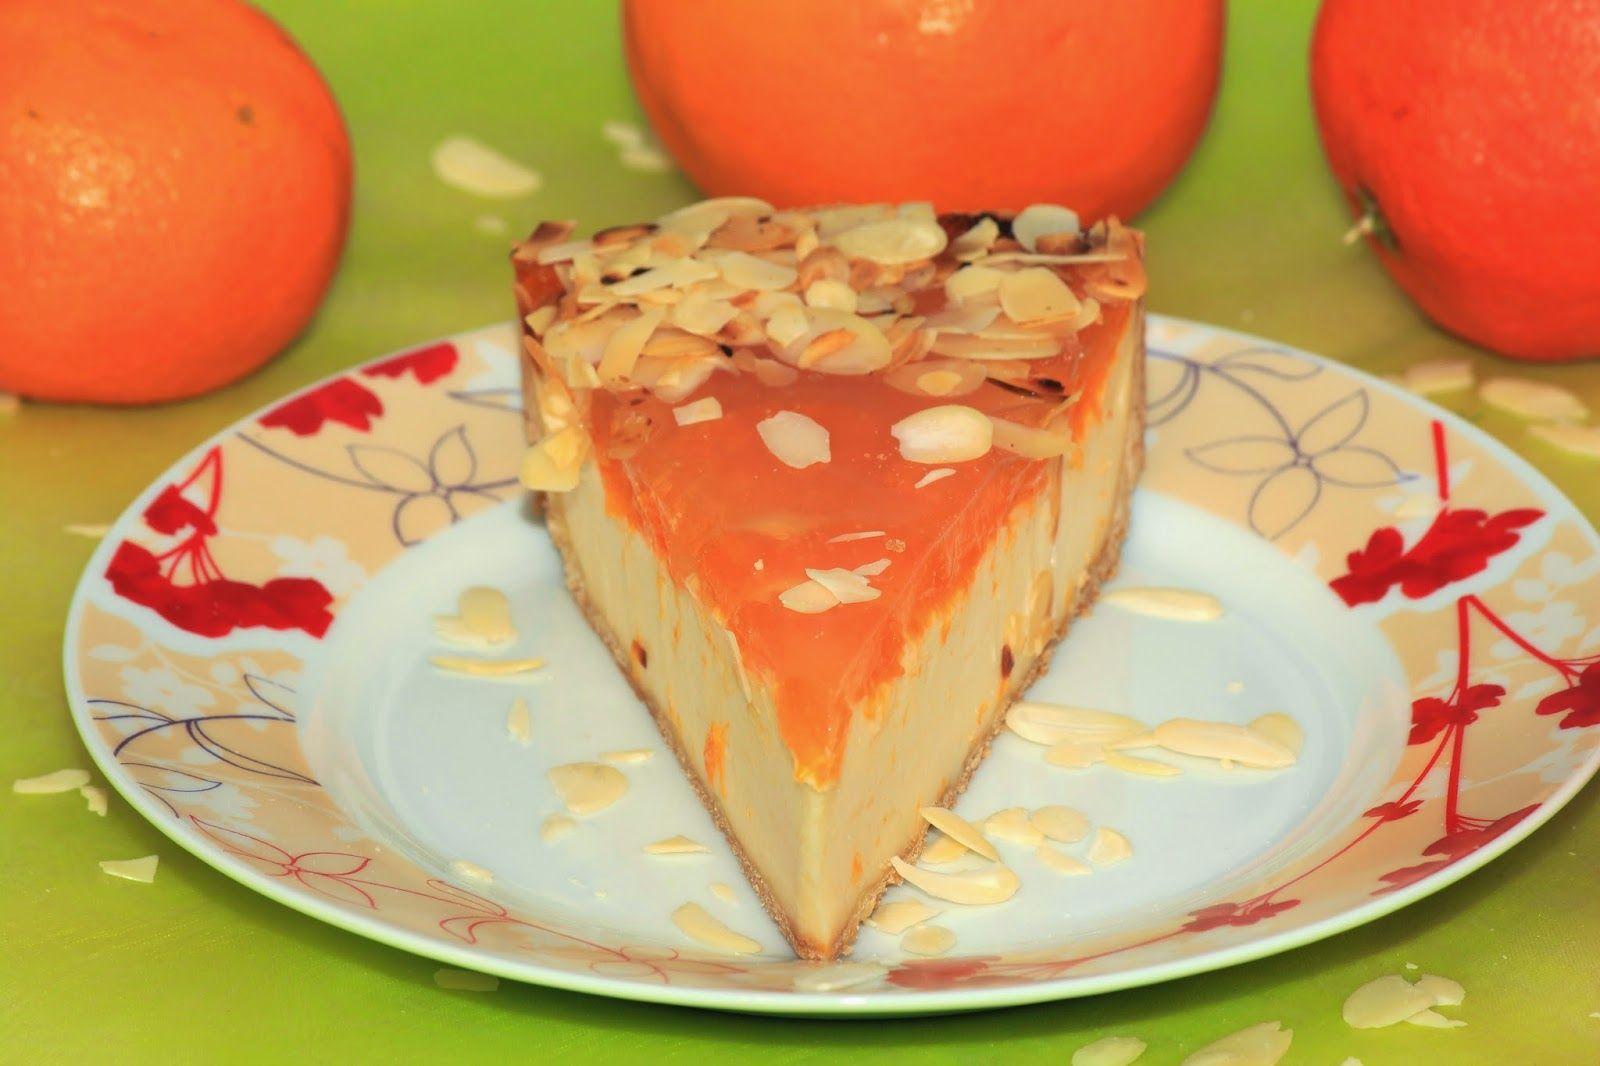 Wonder Wunderbare Küche: Mandarinen-Schmand-Torte